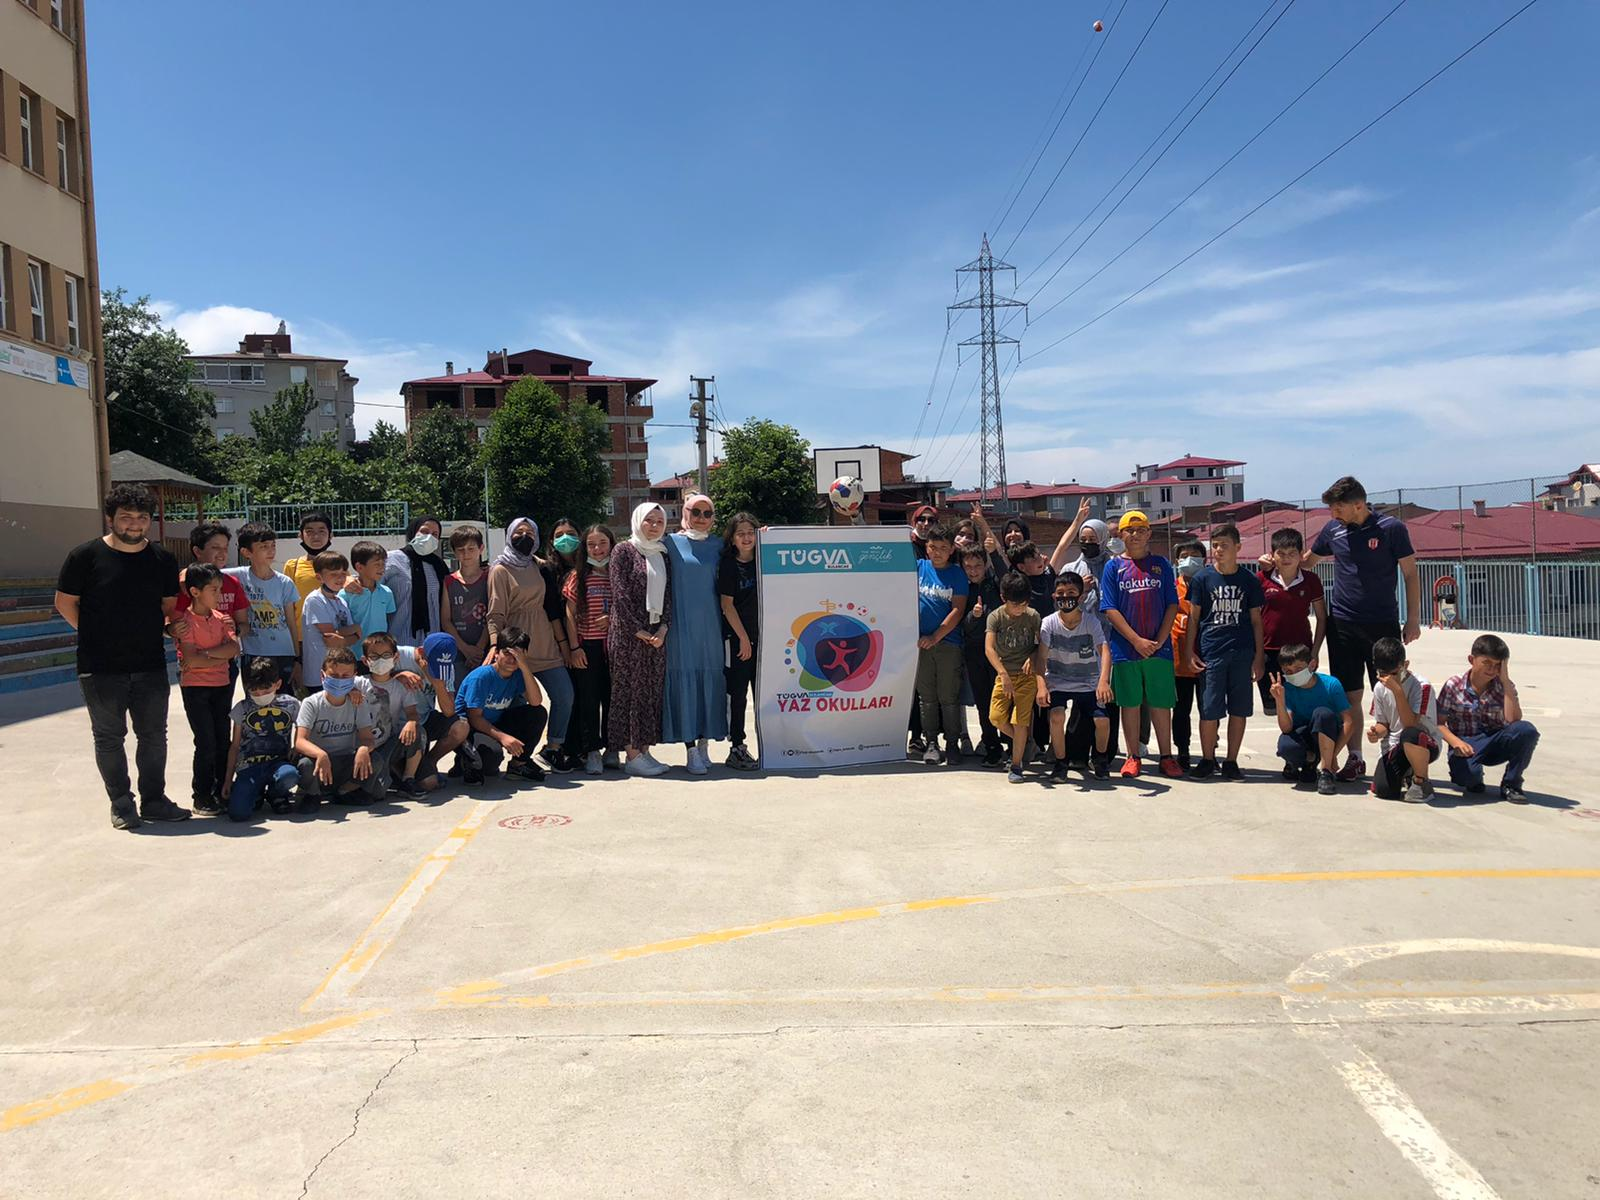 TÜGVA Bulancak Yaz Okullarında dolu dolu etkinlik